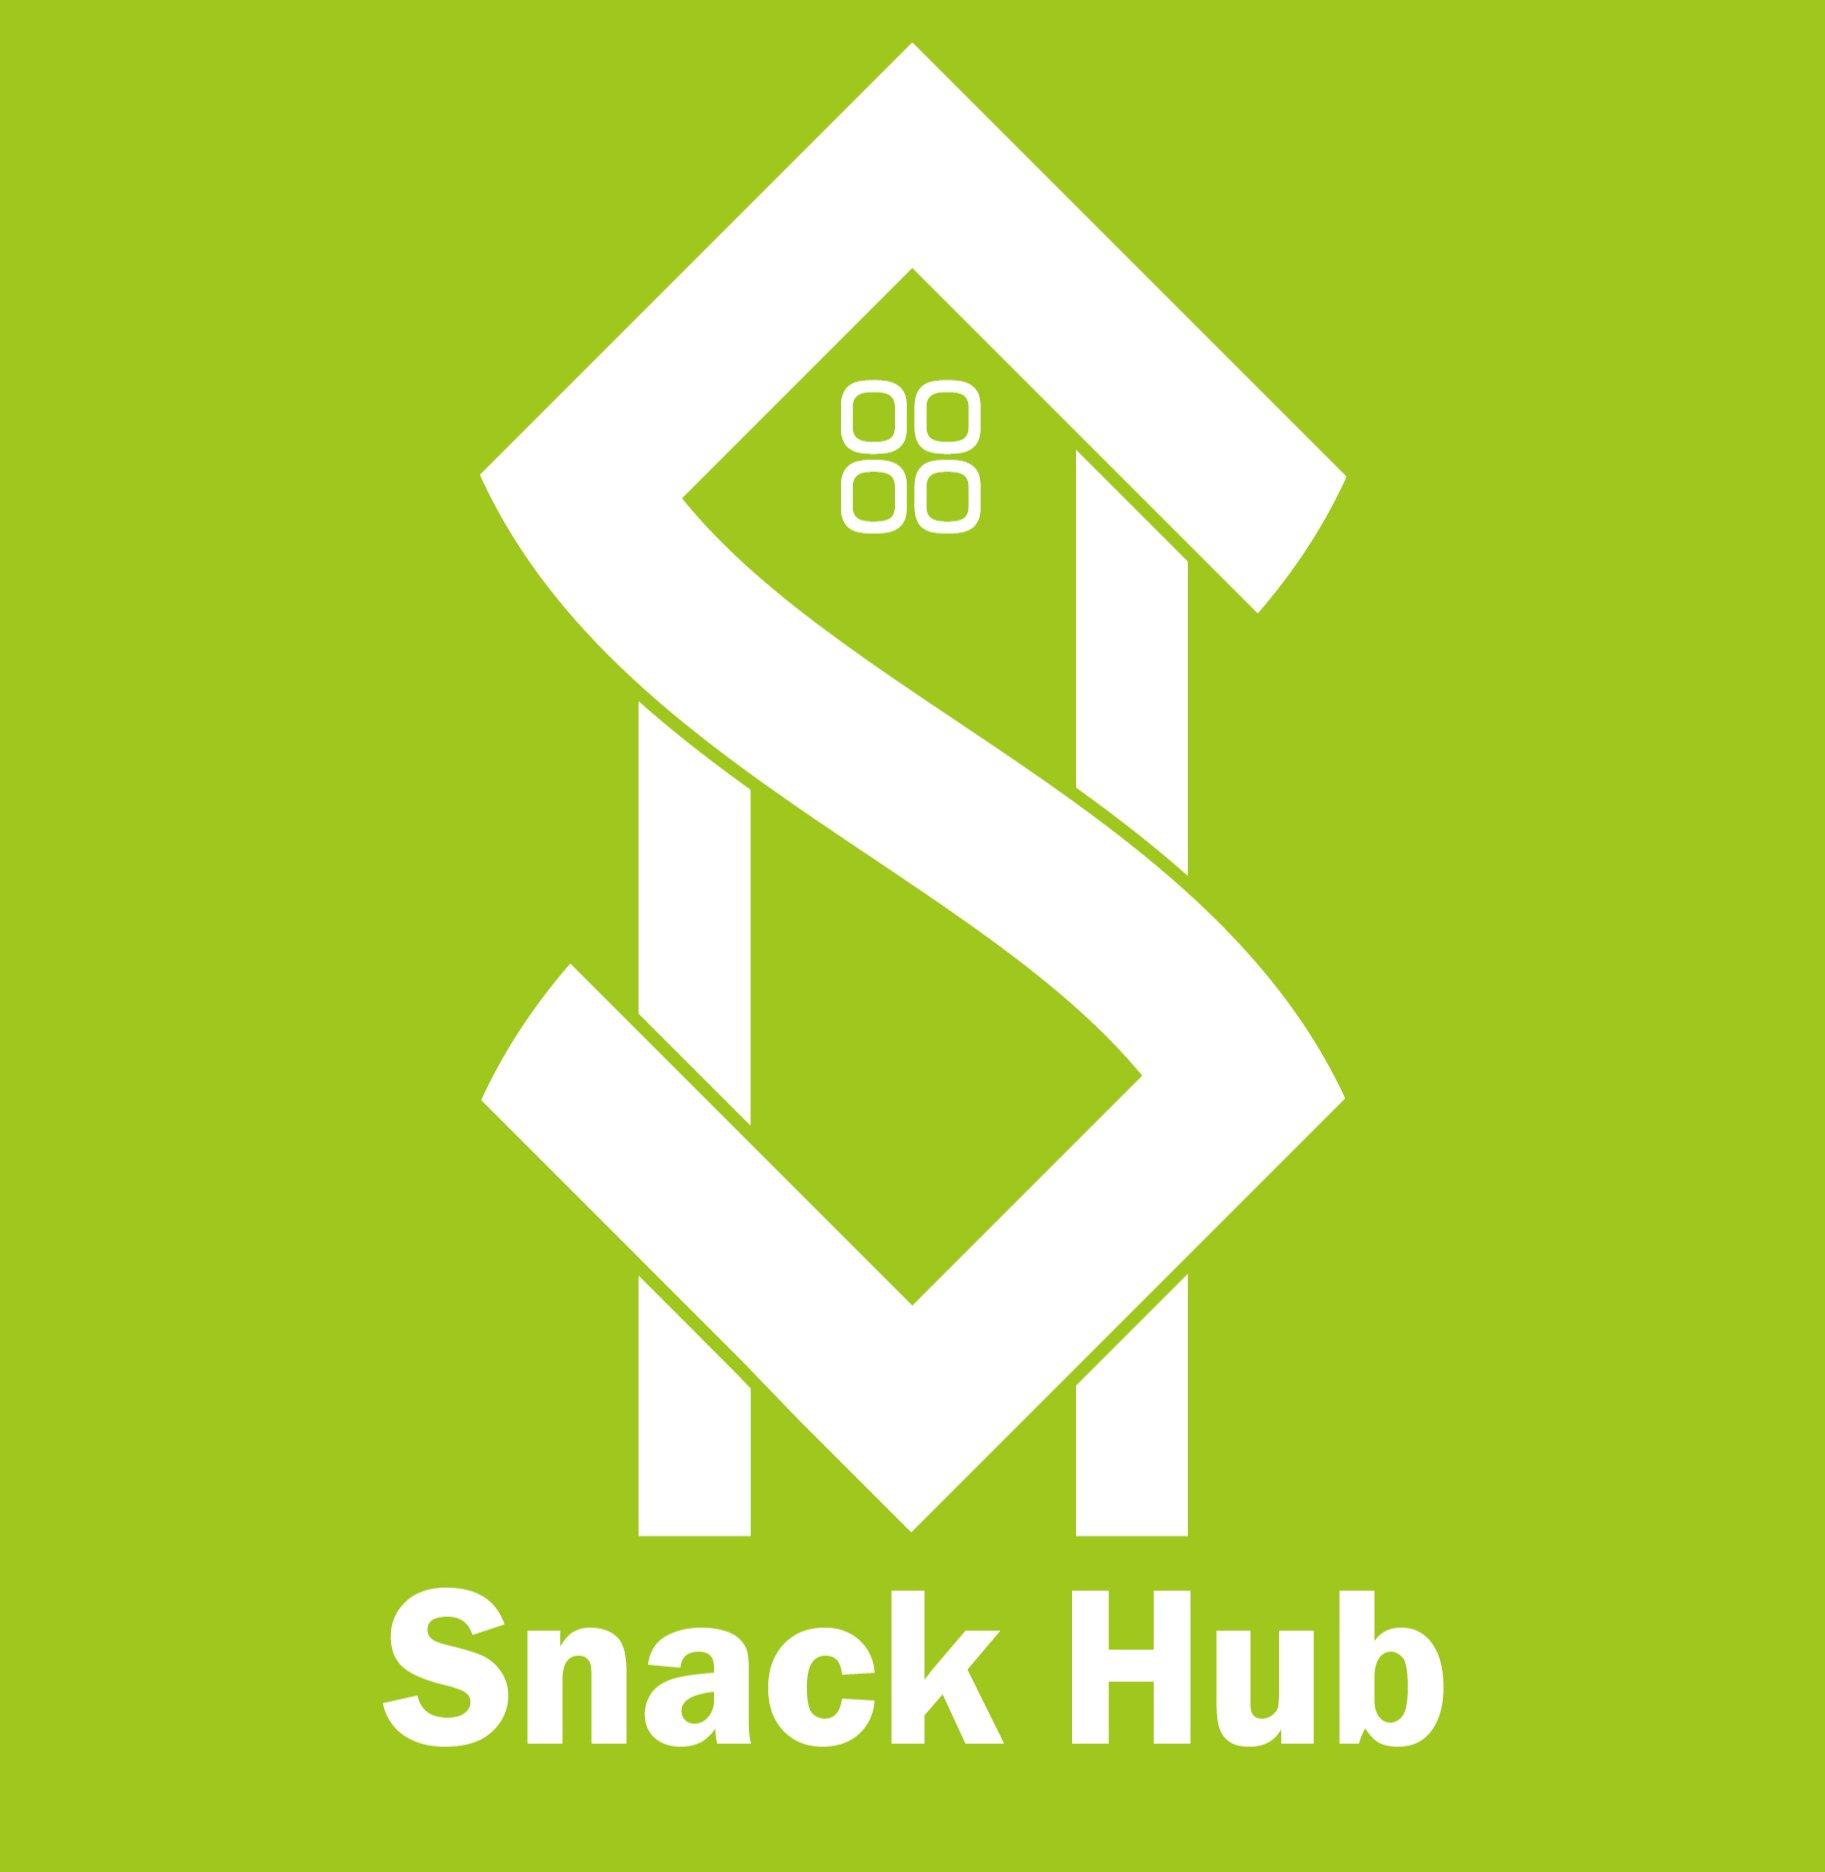 سناك هوب Snack Hub